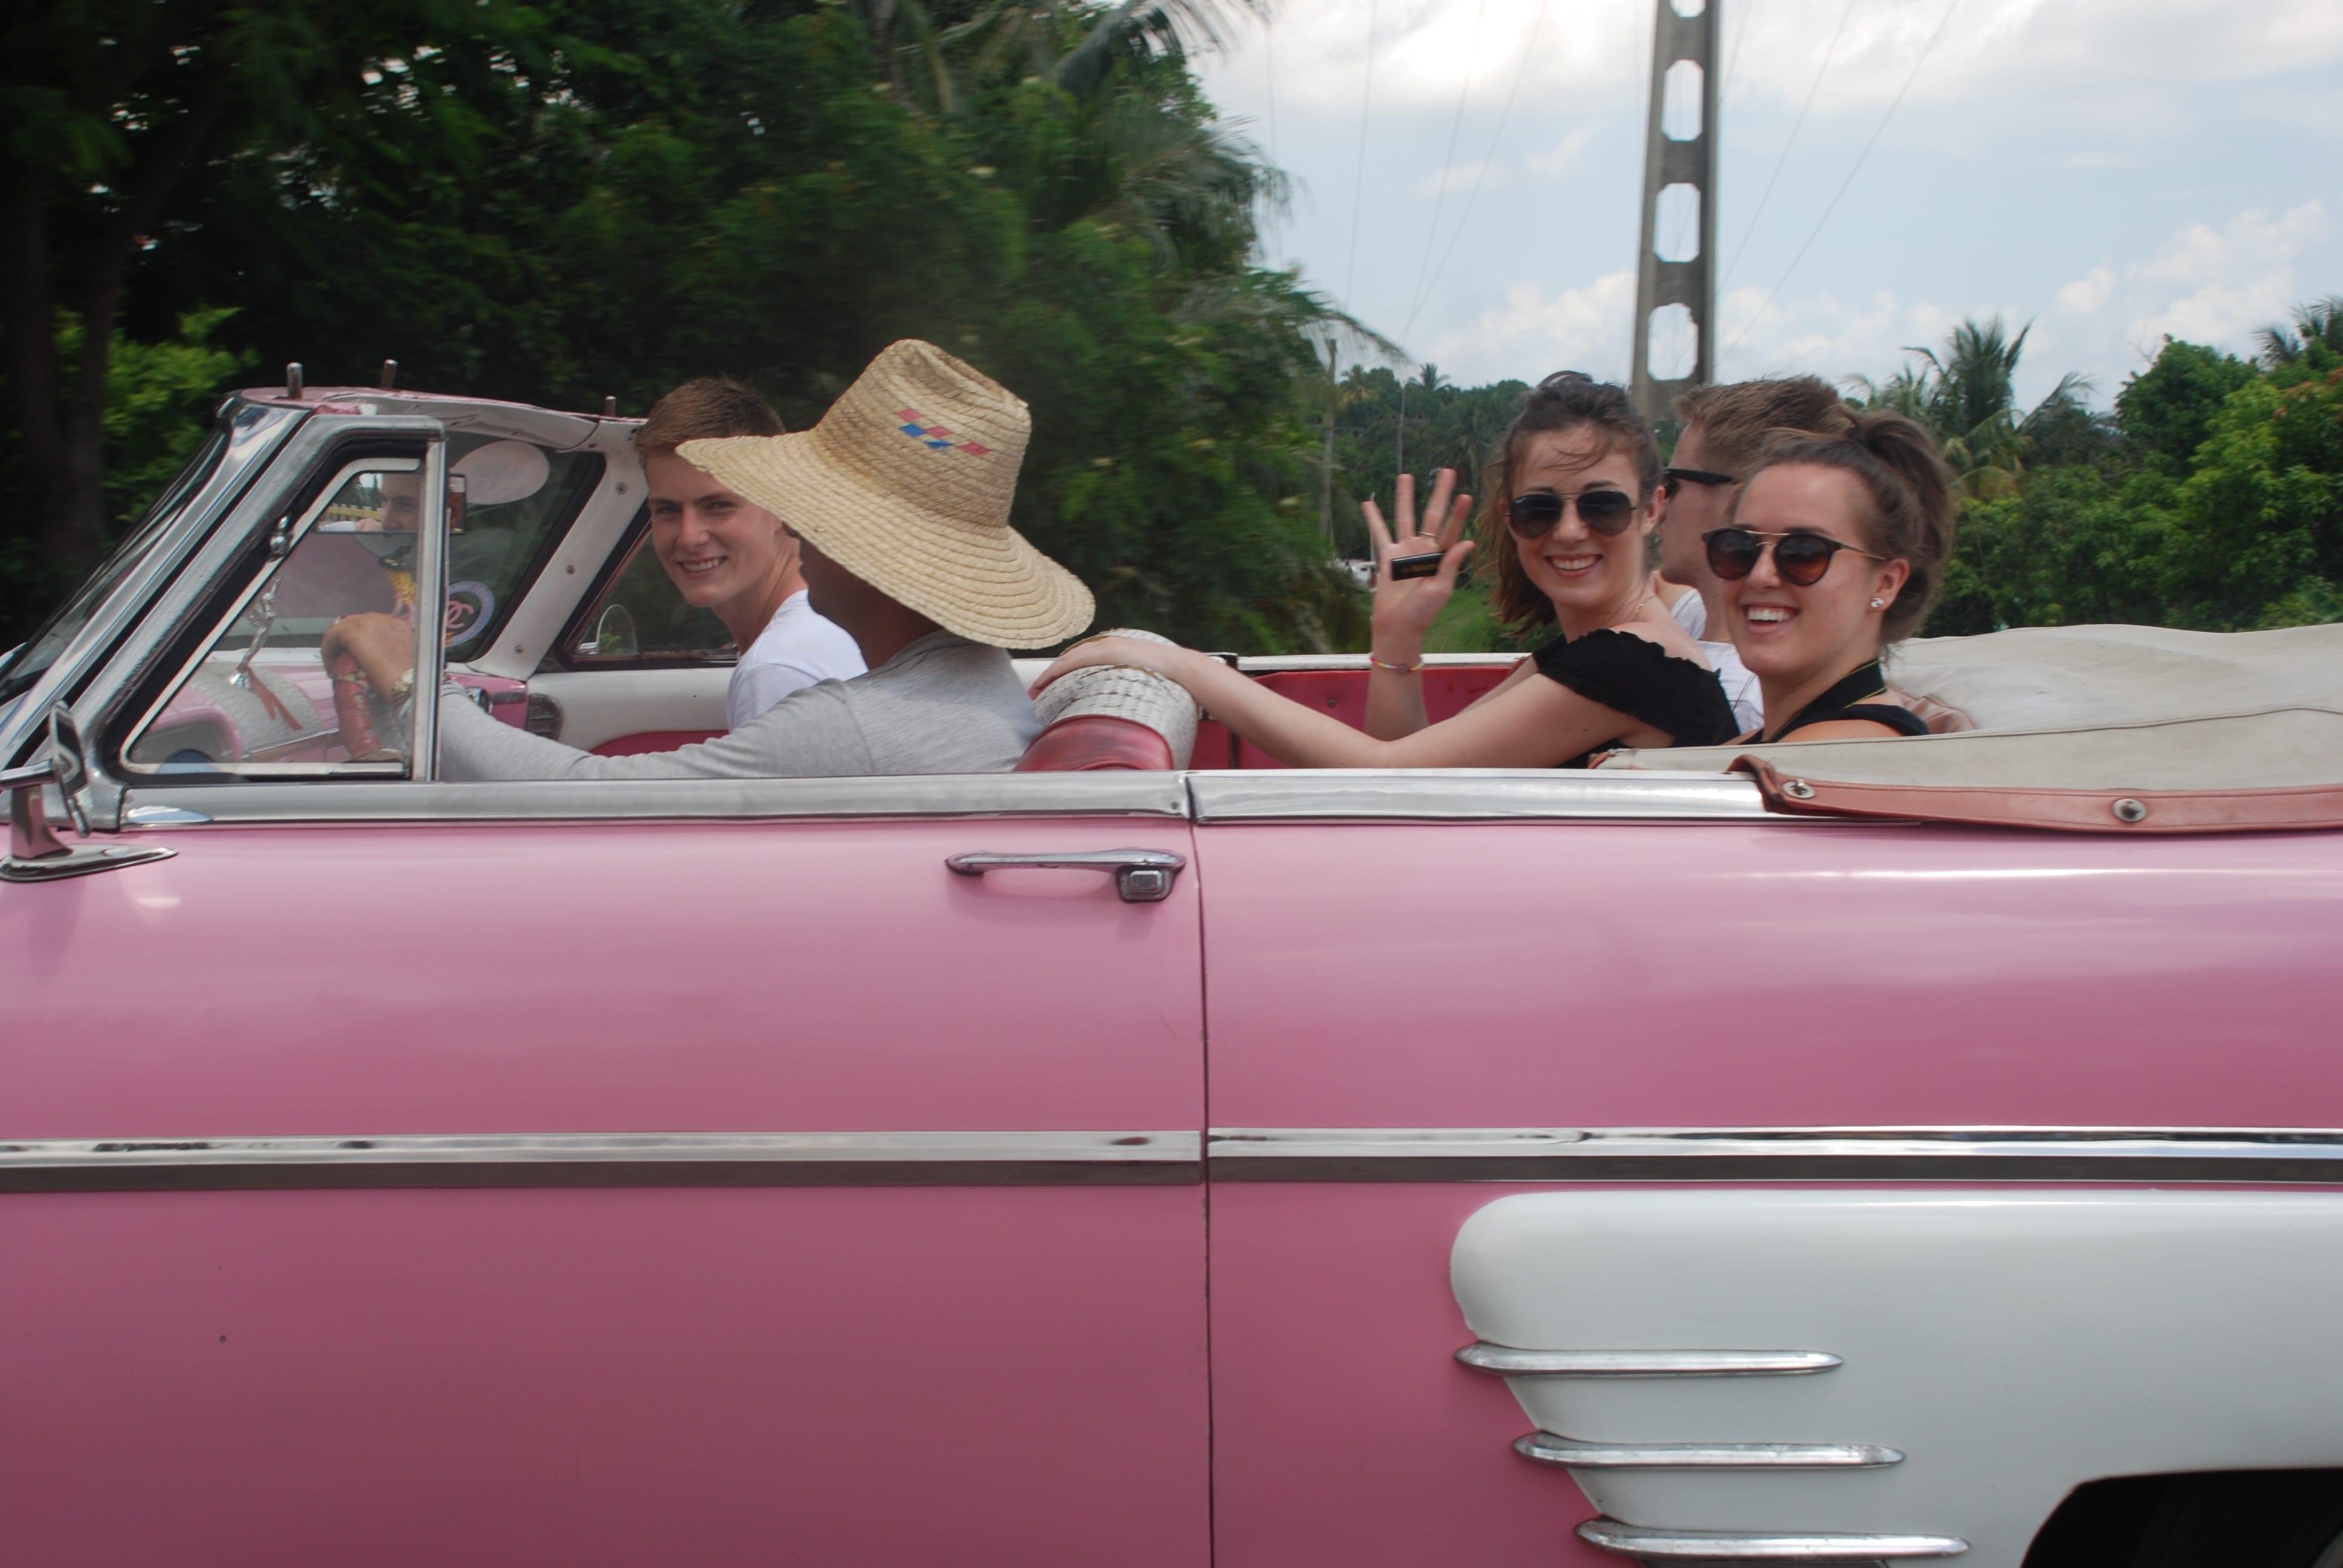 Cuba, kids in pink car